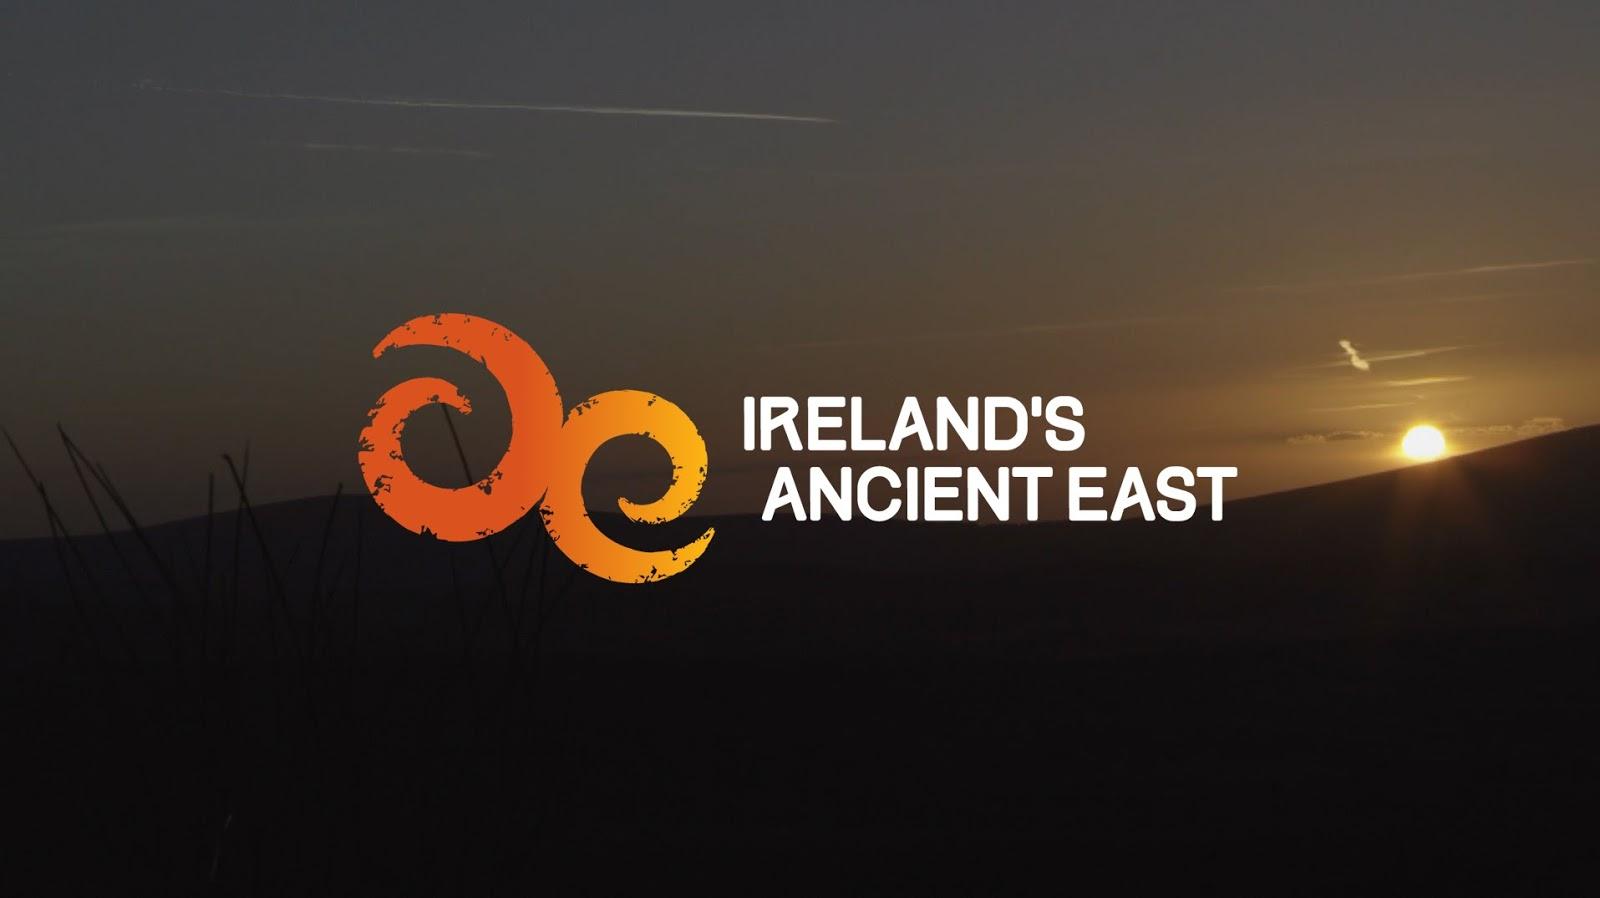 Irish Massachusetts: Ireland's Ancient East - See What ...